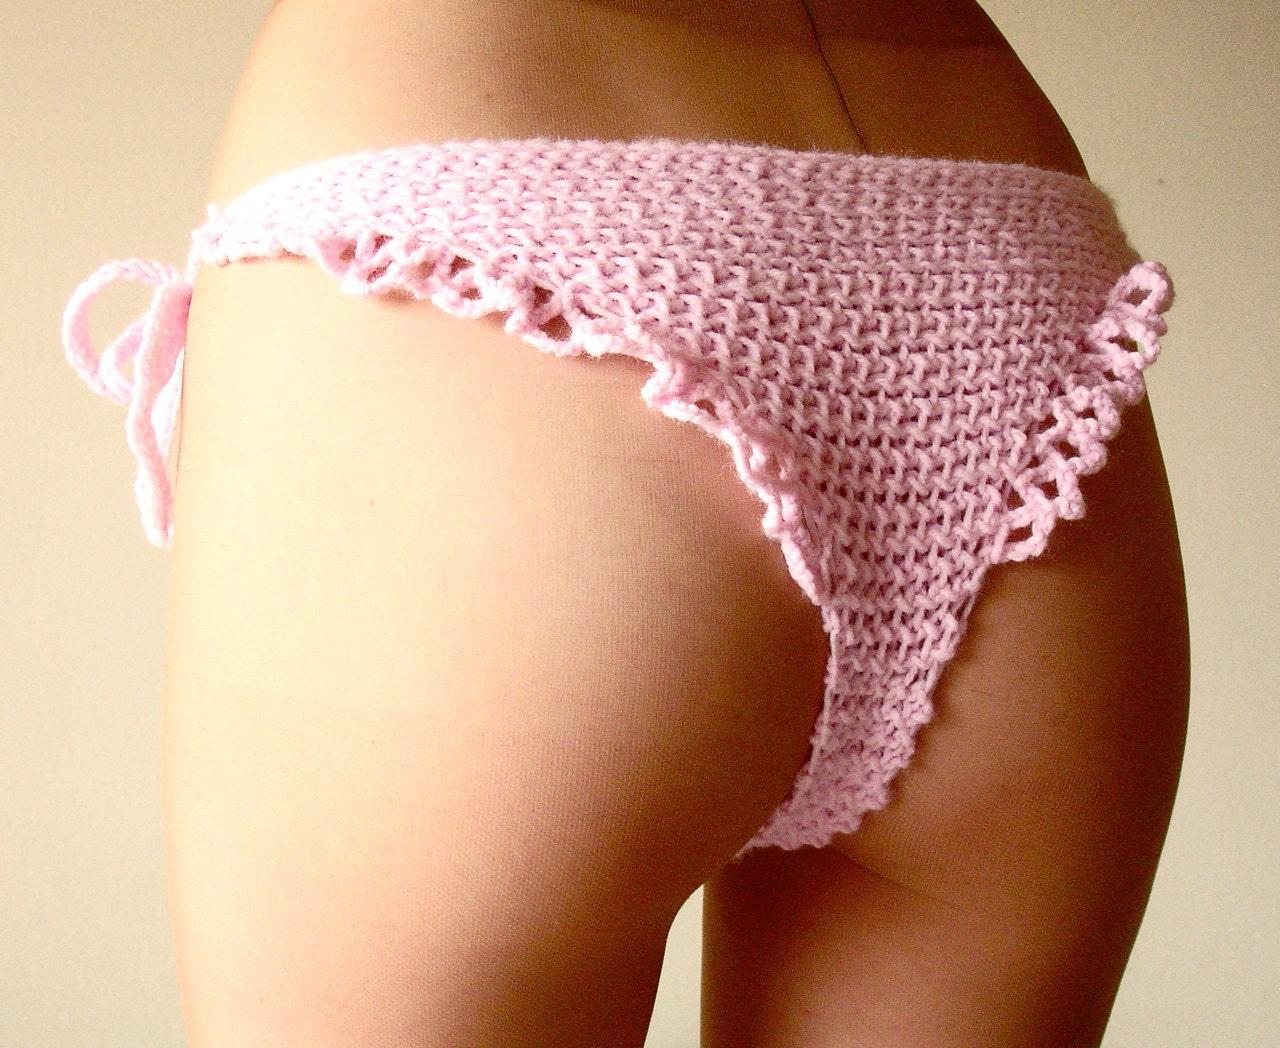 Crocheting Underwear : Crochet underwear womens handmade knit ruffle by laMarmotaCafe